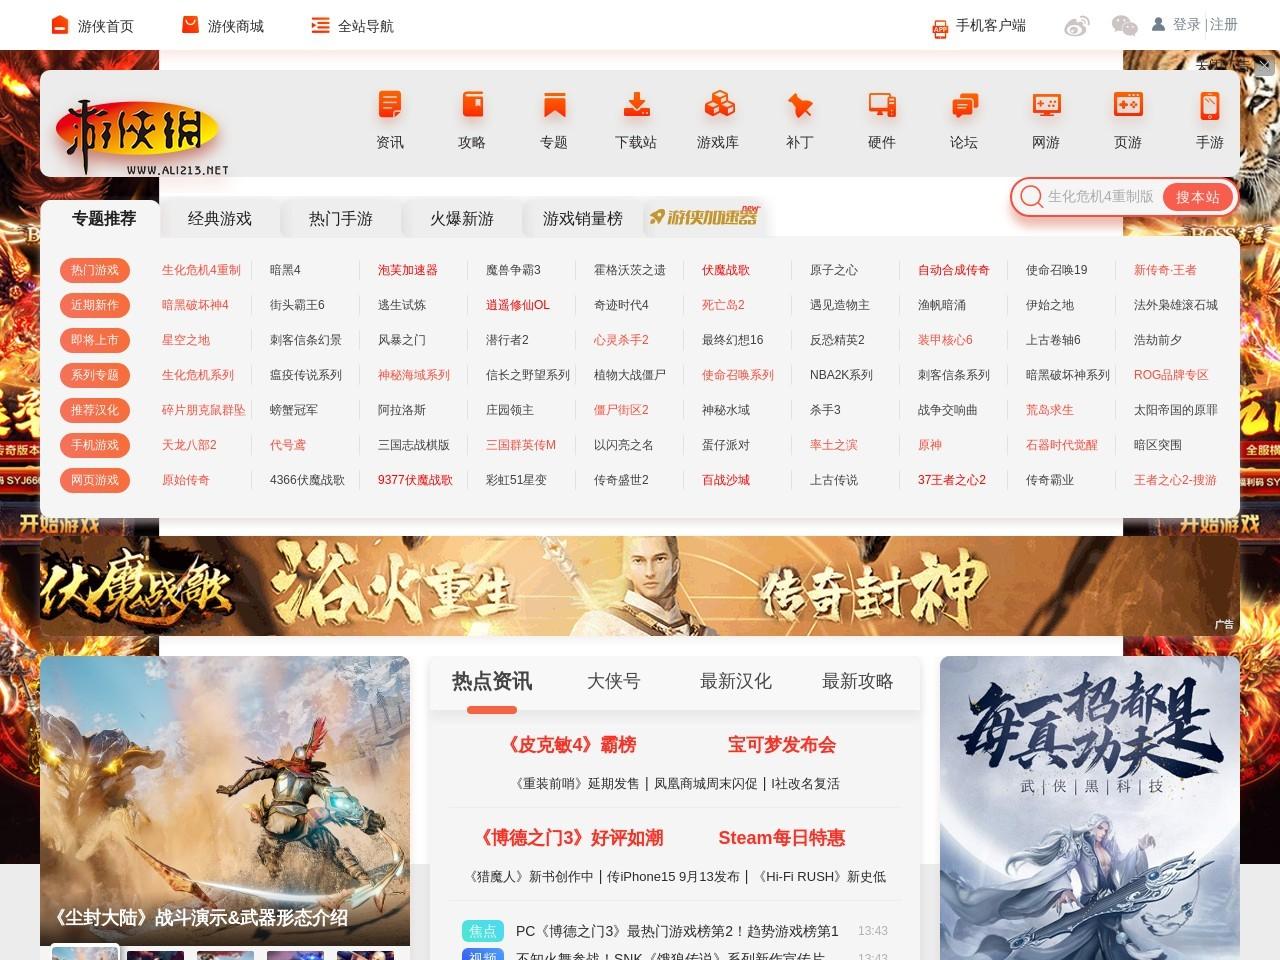 官宣:《赛博朋克2077》现已重新上架索尼PS商城!_游侠网 Ali213.net